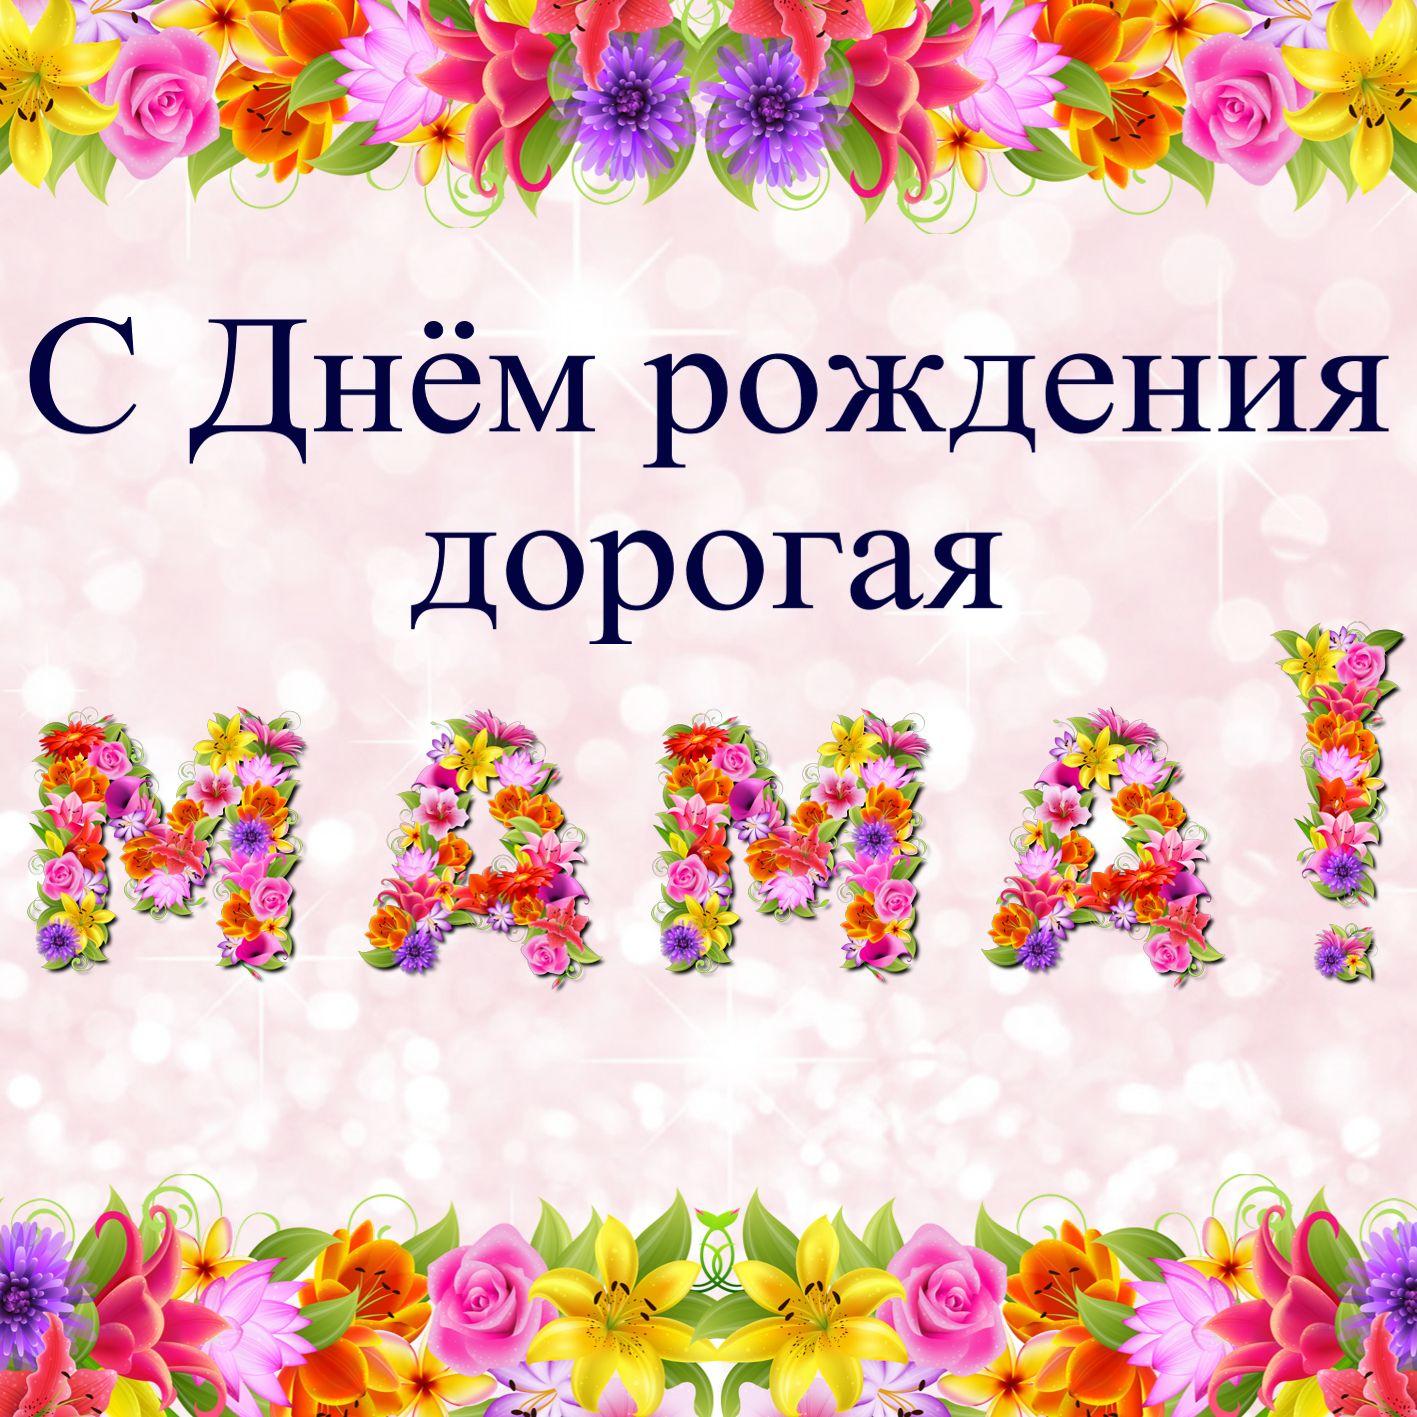 Картинки на день рождение мамы от дочки